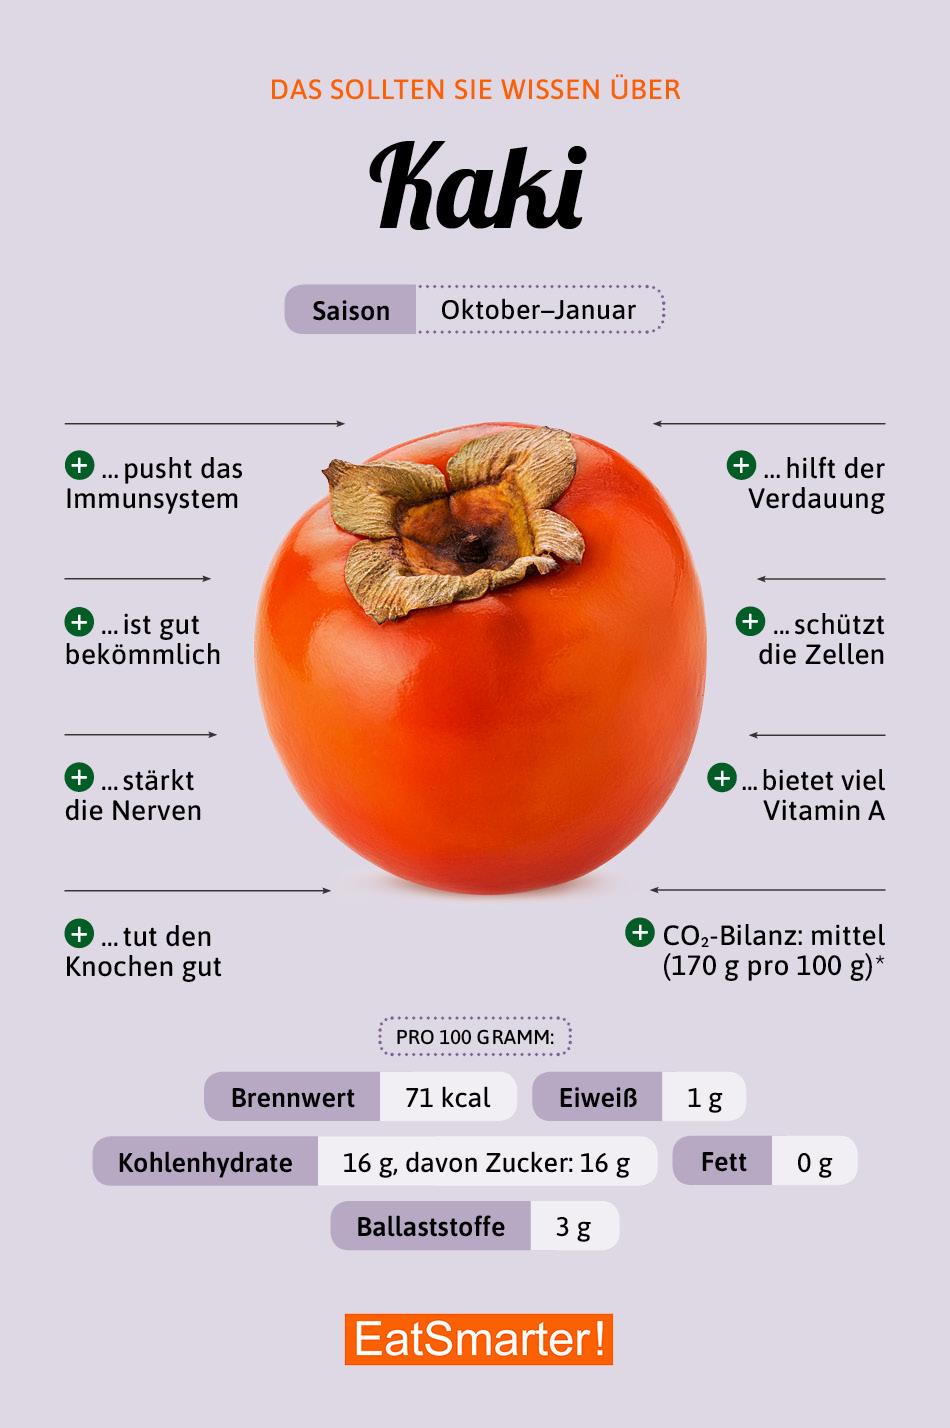 Infografik Kaki